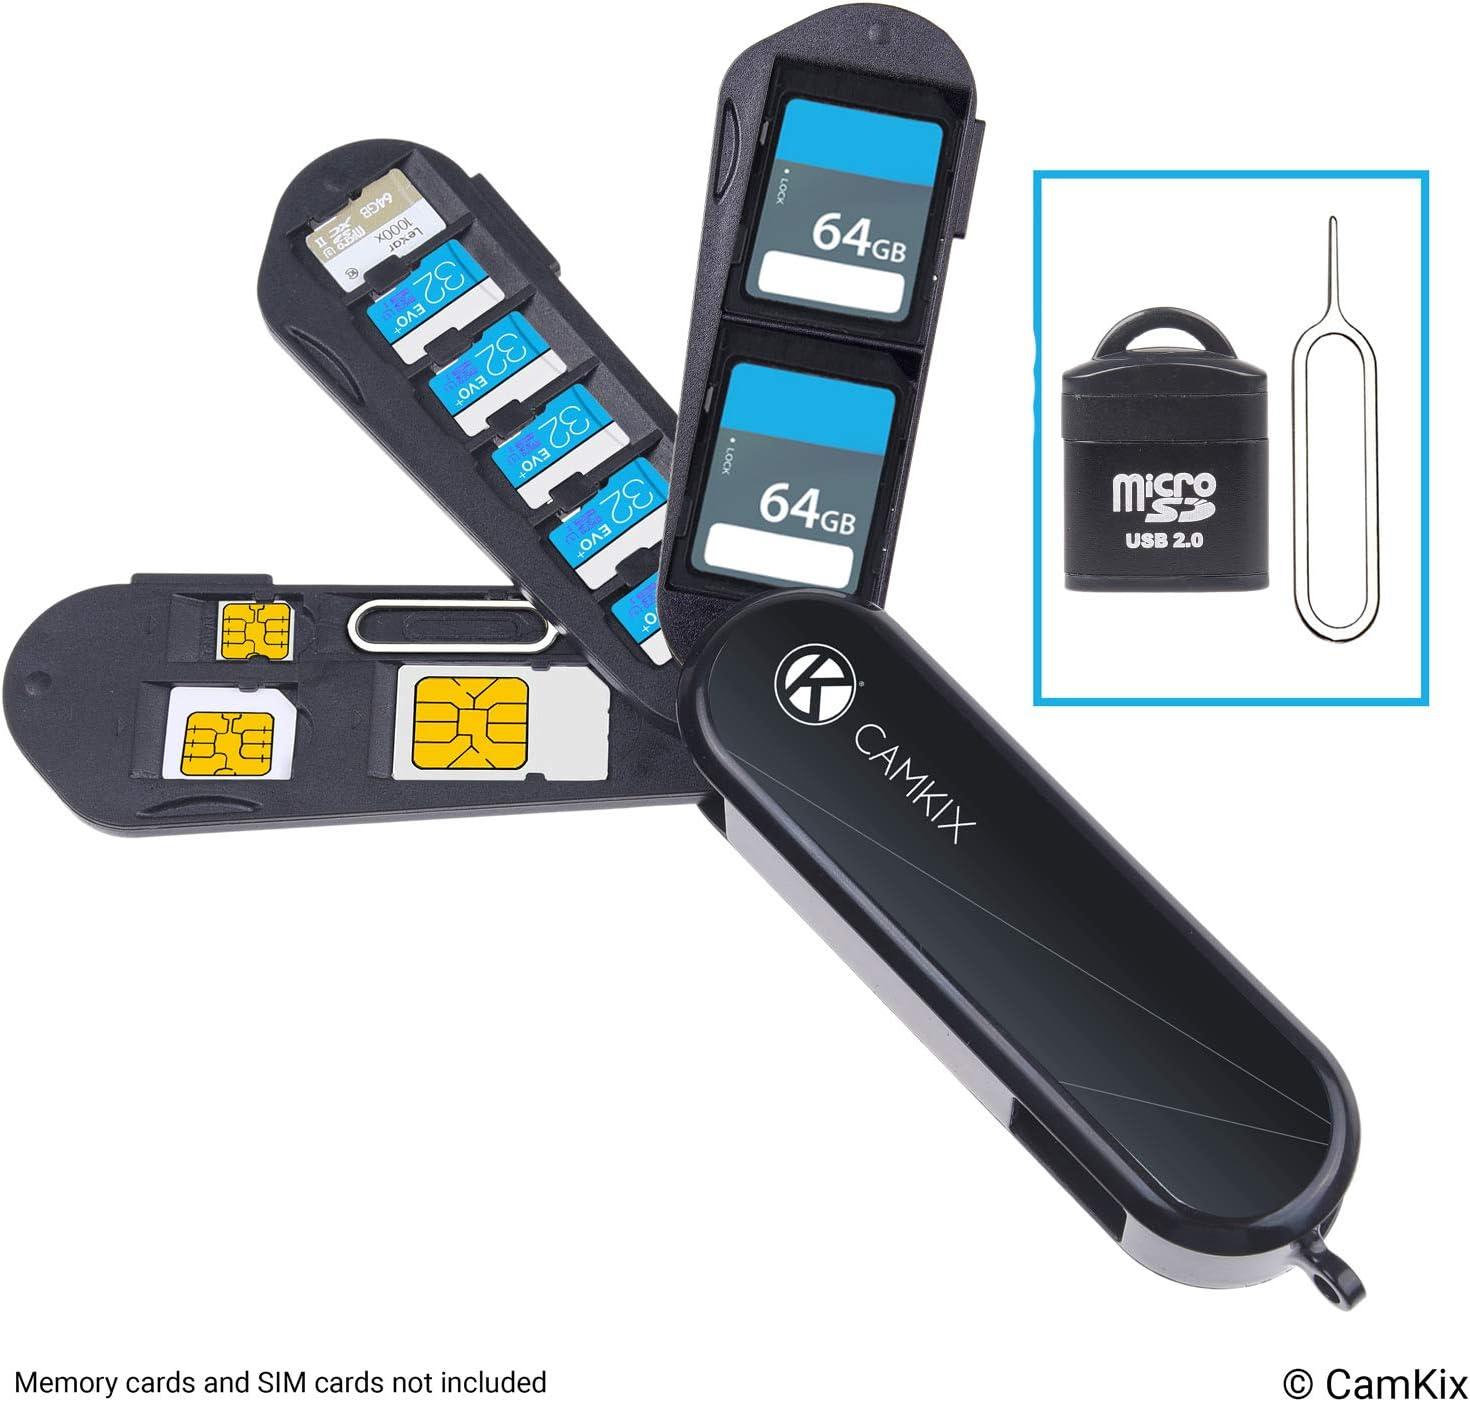 Estuche de Almacenamiento de Tarjeta de Memoria y SIM con Lector Micro SD (USB) y Pin de Expulsión: Amazon.es: Electrónica